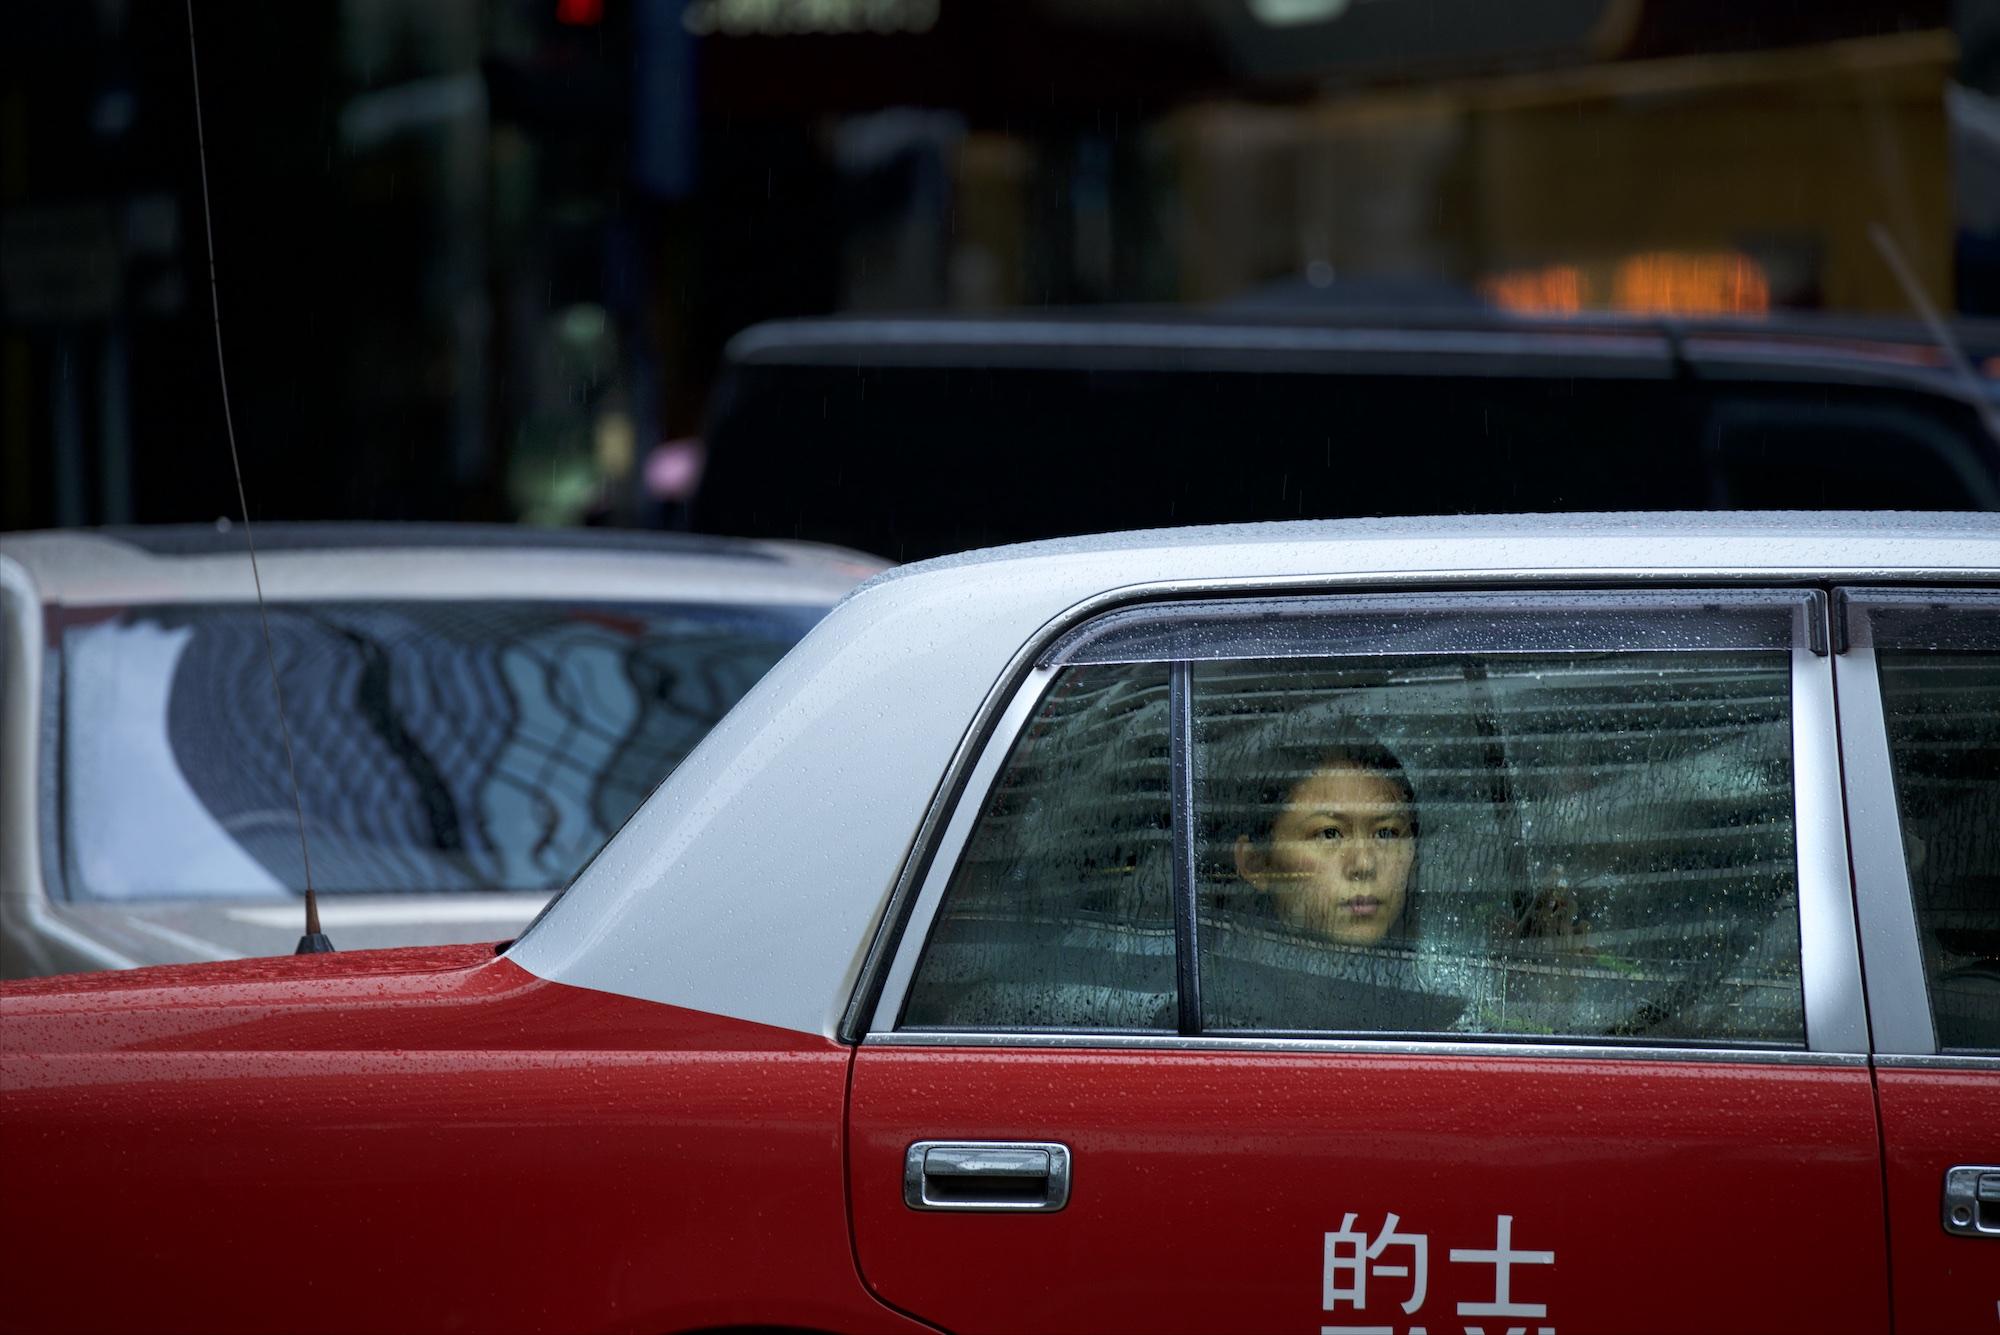 HK fedex_032.jpg